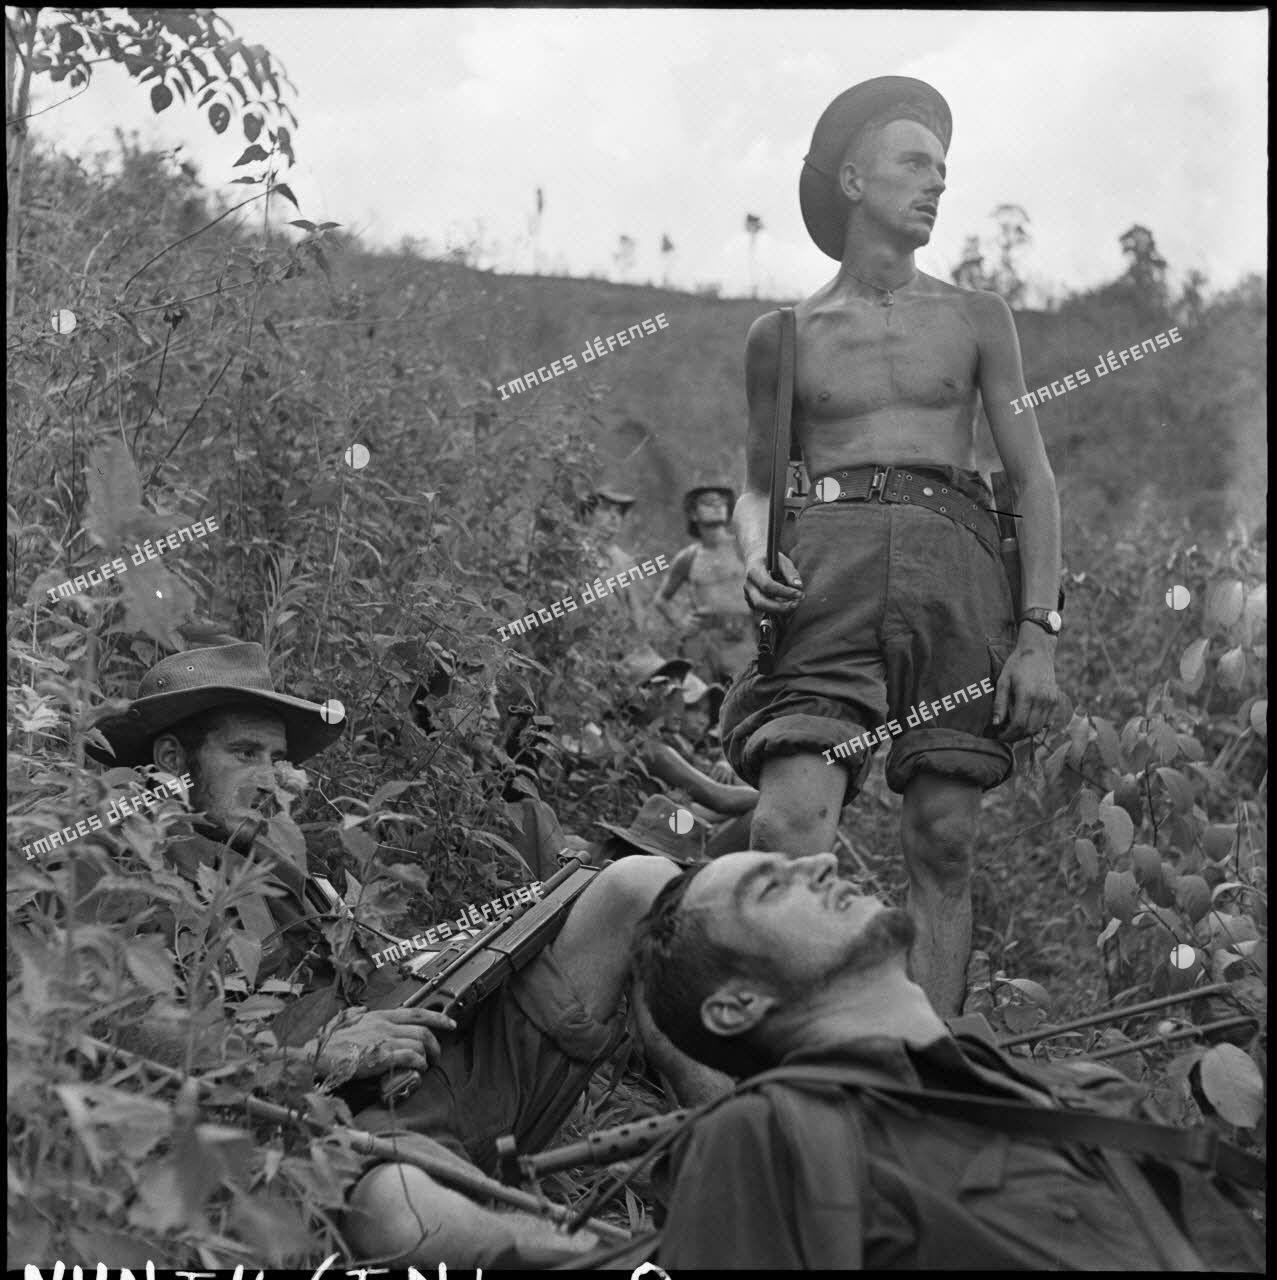 Des soldats de la colonne Godard font une pause au milieu de la brousse lors de l'opération Condor.